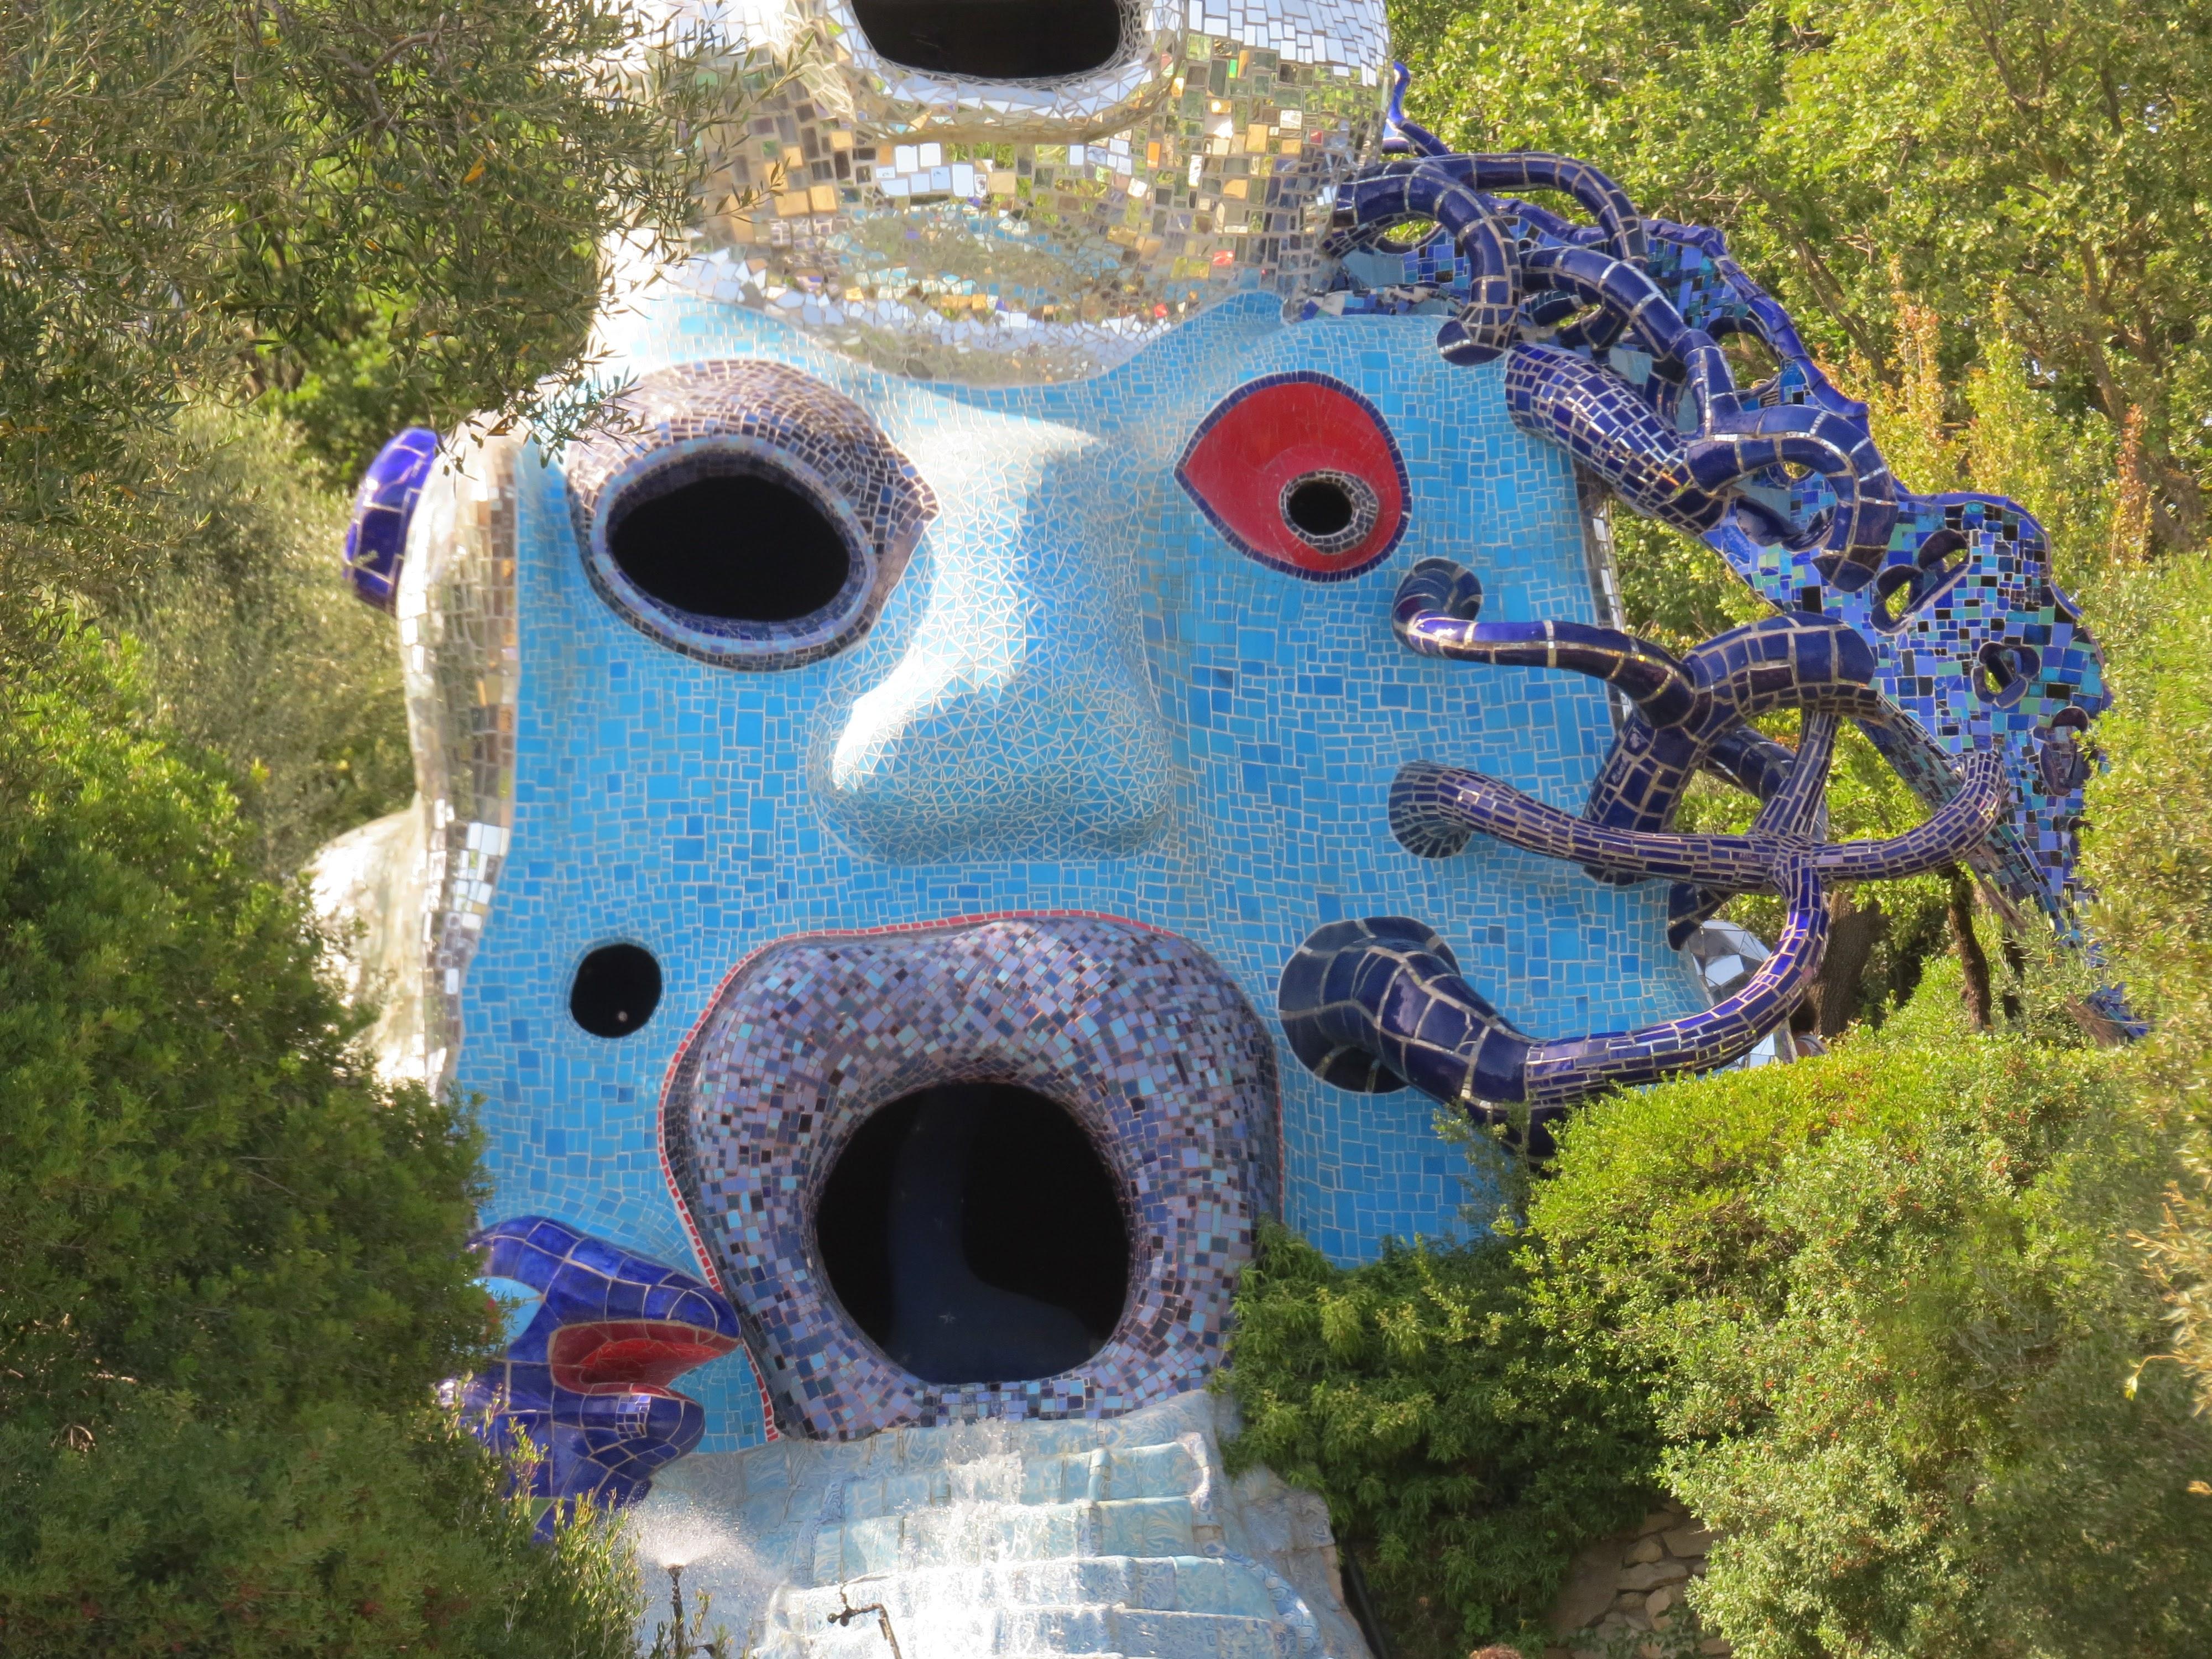 Niki de Saint Phalle, La Papessa ofde Pausin in de Giardino dei Tarocchi, Capalbio